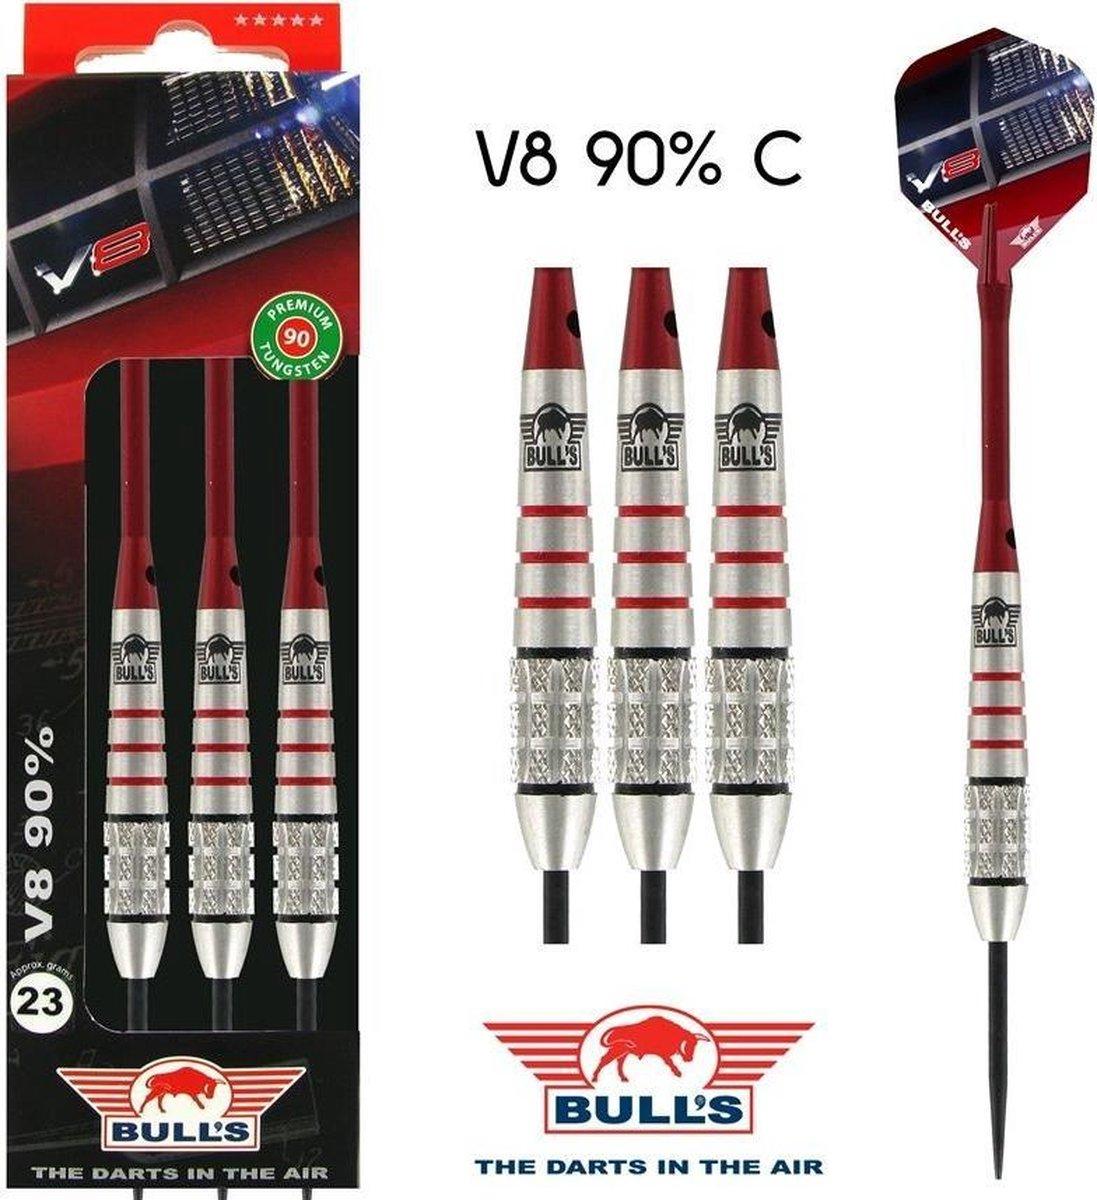 Bull's V8 C 90% - 24 Gram